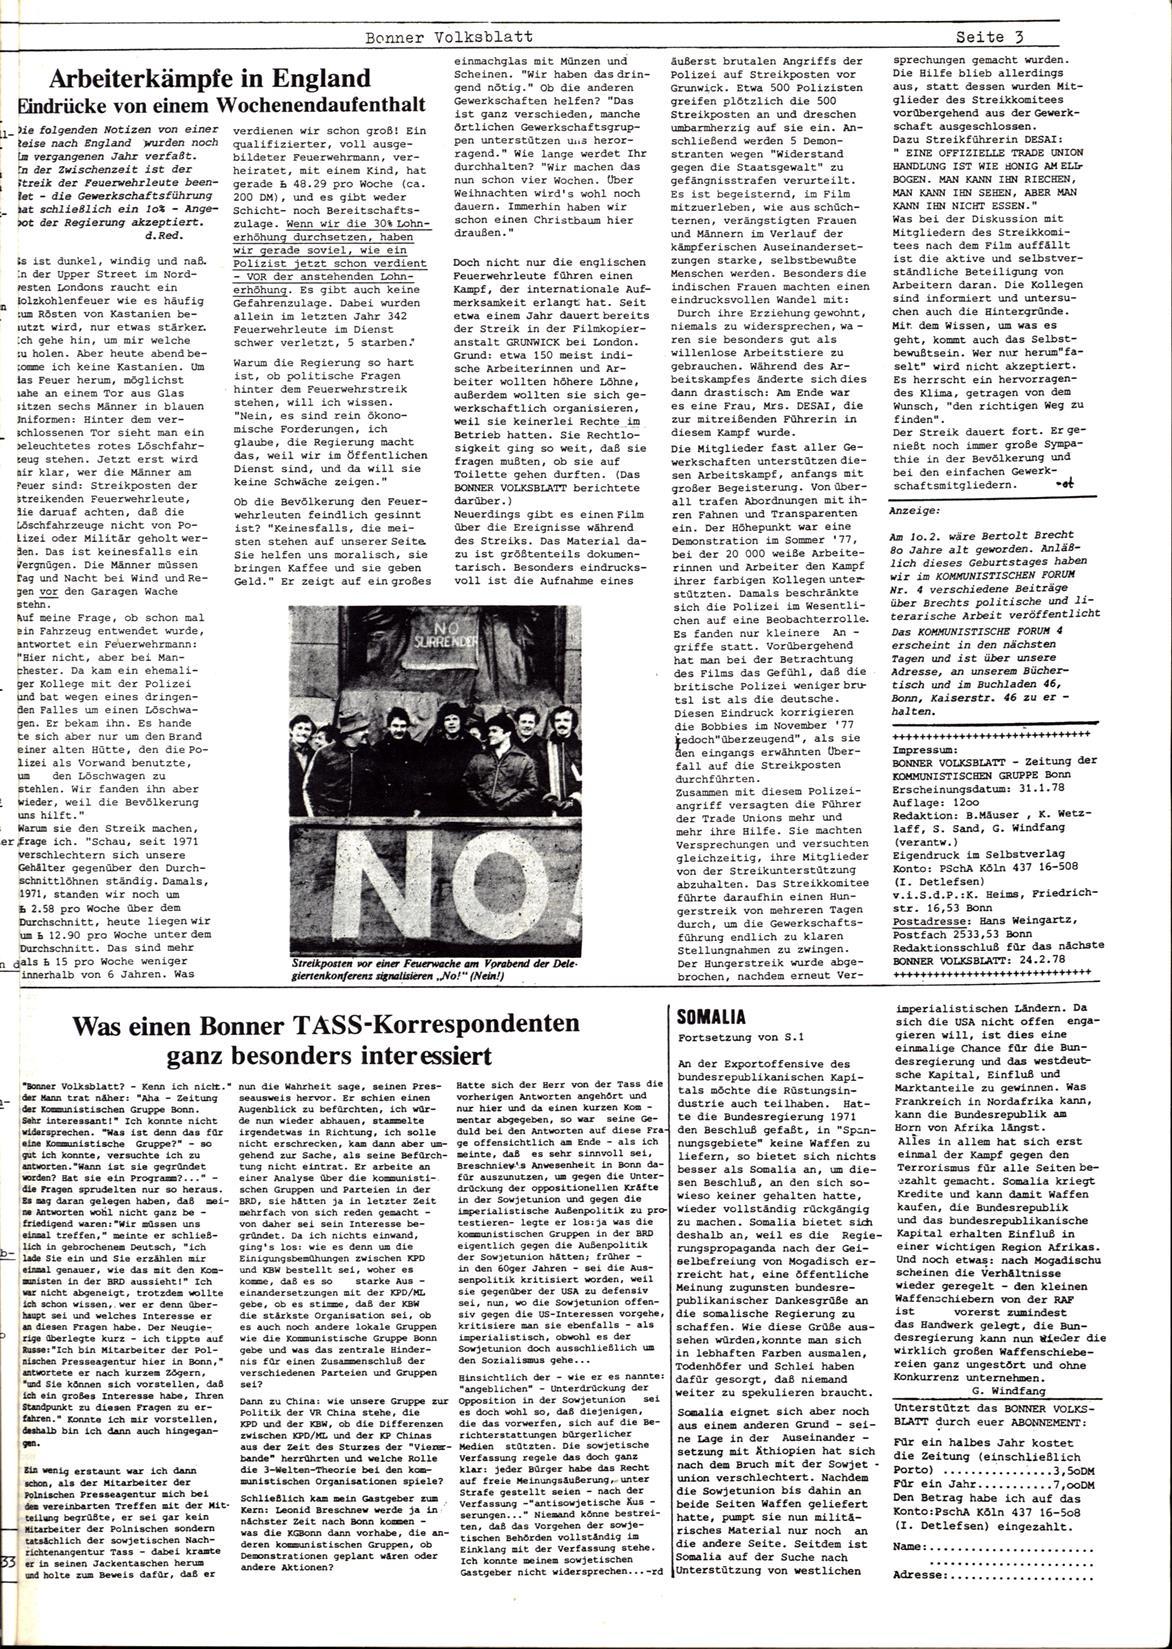 Bonner_Volksblatt_09_19780131_03